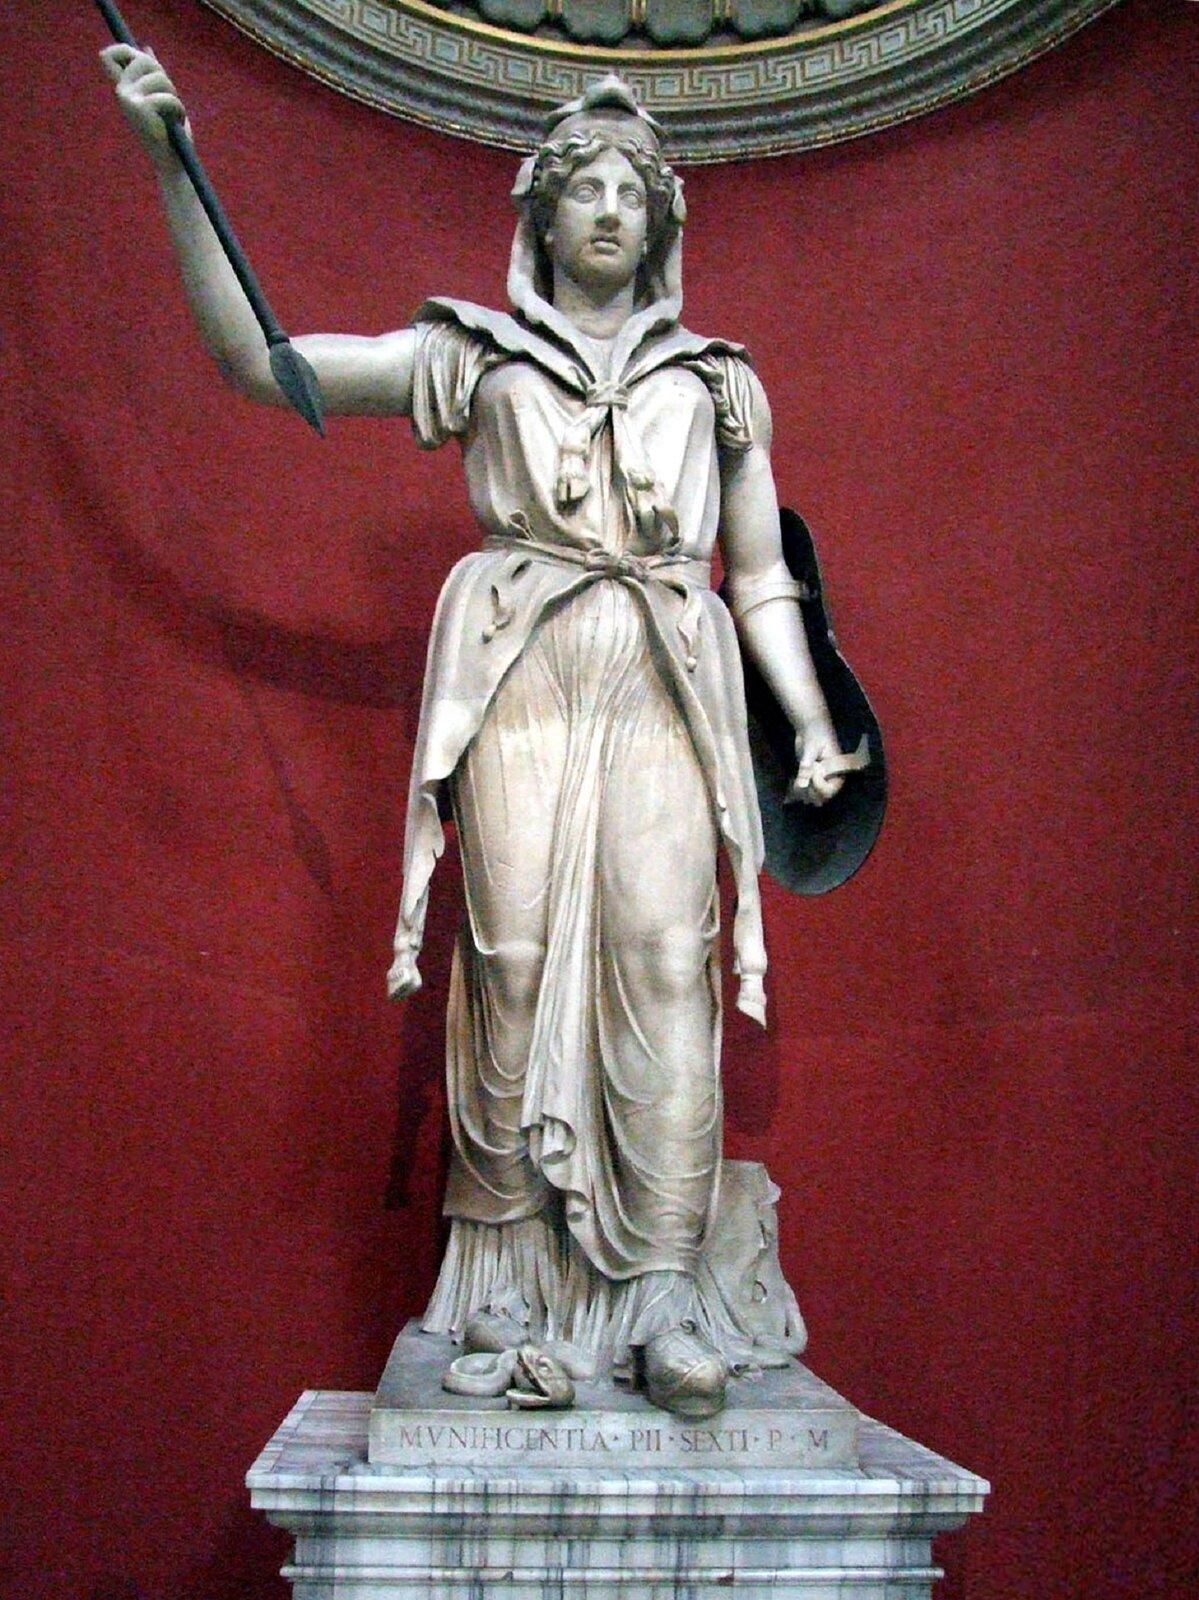 Rzeźba nieznanego autora przedstawia postać Junony -bogini rzymskiej, która została przedstawiona jako szczupła kobieta wśrednim wieku, ubrana wwelon zakrywający jej włosy, oraz długą szatę zakrywającą jej ciało. Junona jedną rękę ma uniesioną do góry itrzyma wniej włócznię, do drugiej ręki przymocowana została tarcza. Rzeźba została wykonana zjasnego kamienia, stoi na cokole, na którym widoczne są łacińskie inskrypcje. Figura Junony została sfotografowana na tle czerwonej ściany.